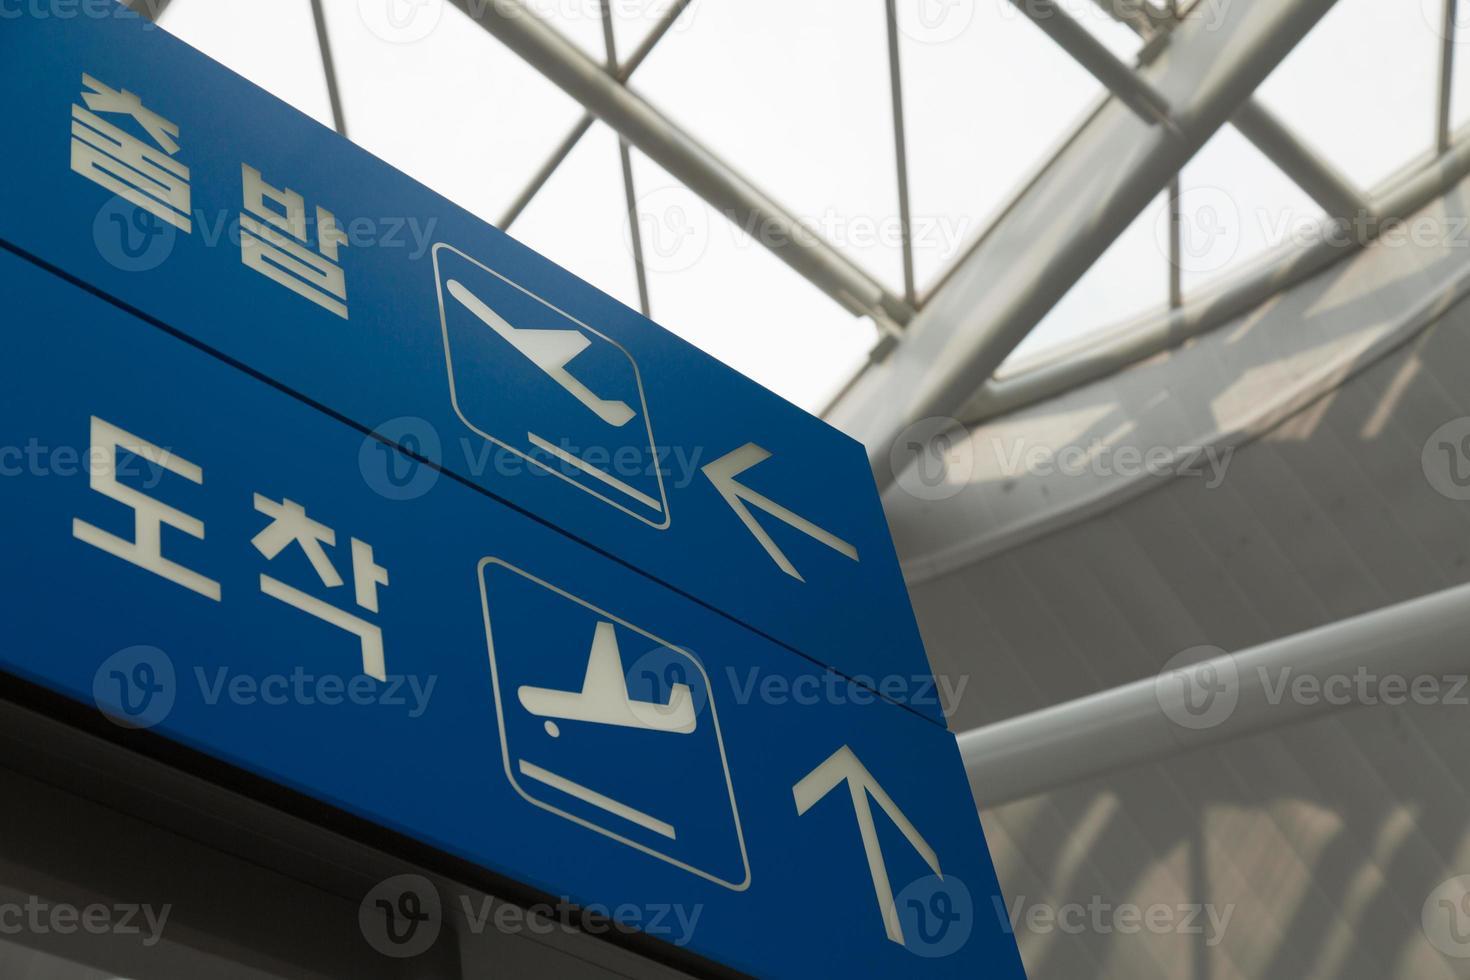 panneaux du terminal de l'aéroport photo